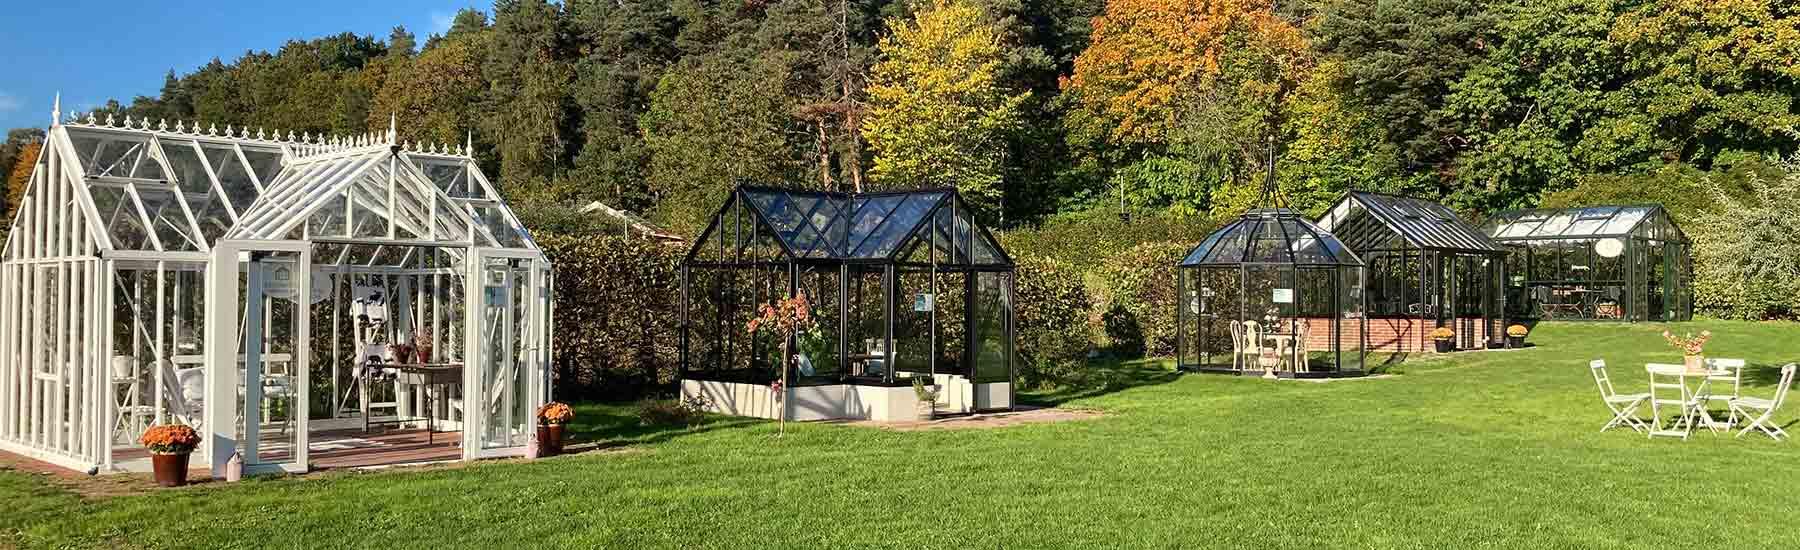 Utställning och visningsträdgård av växthus, orangerier och isolerade uterum i Solna, Stockholm